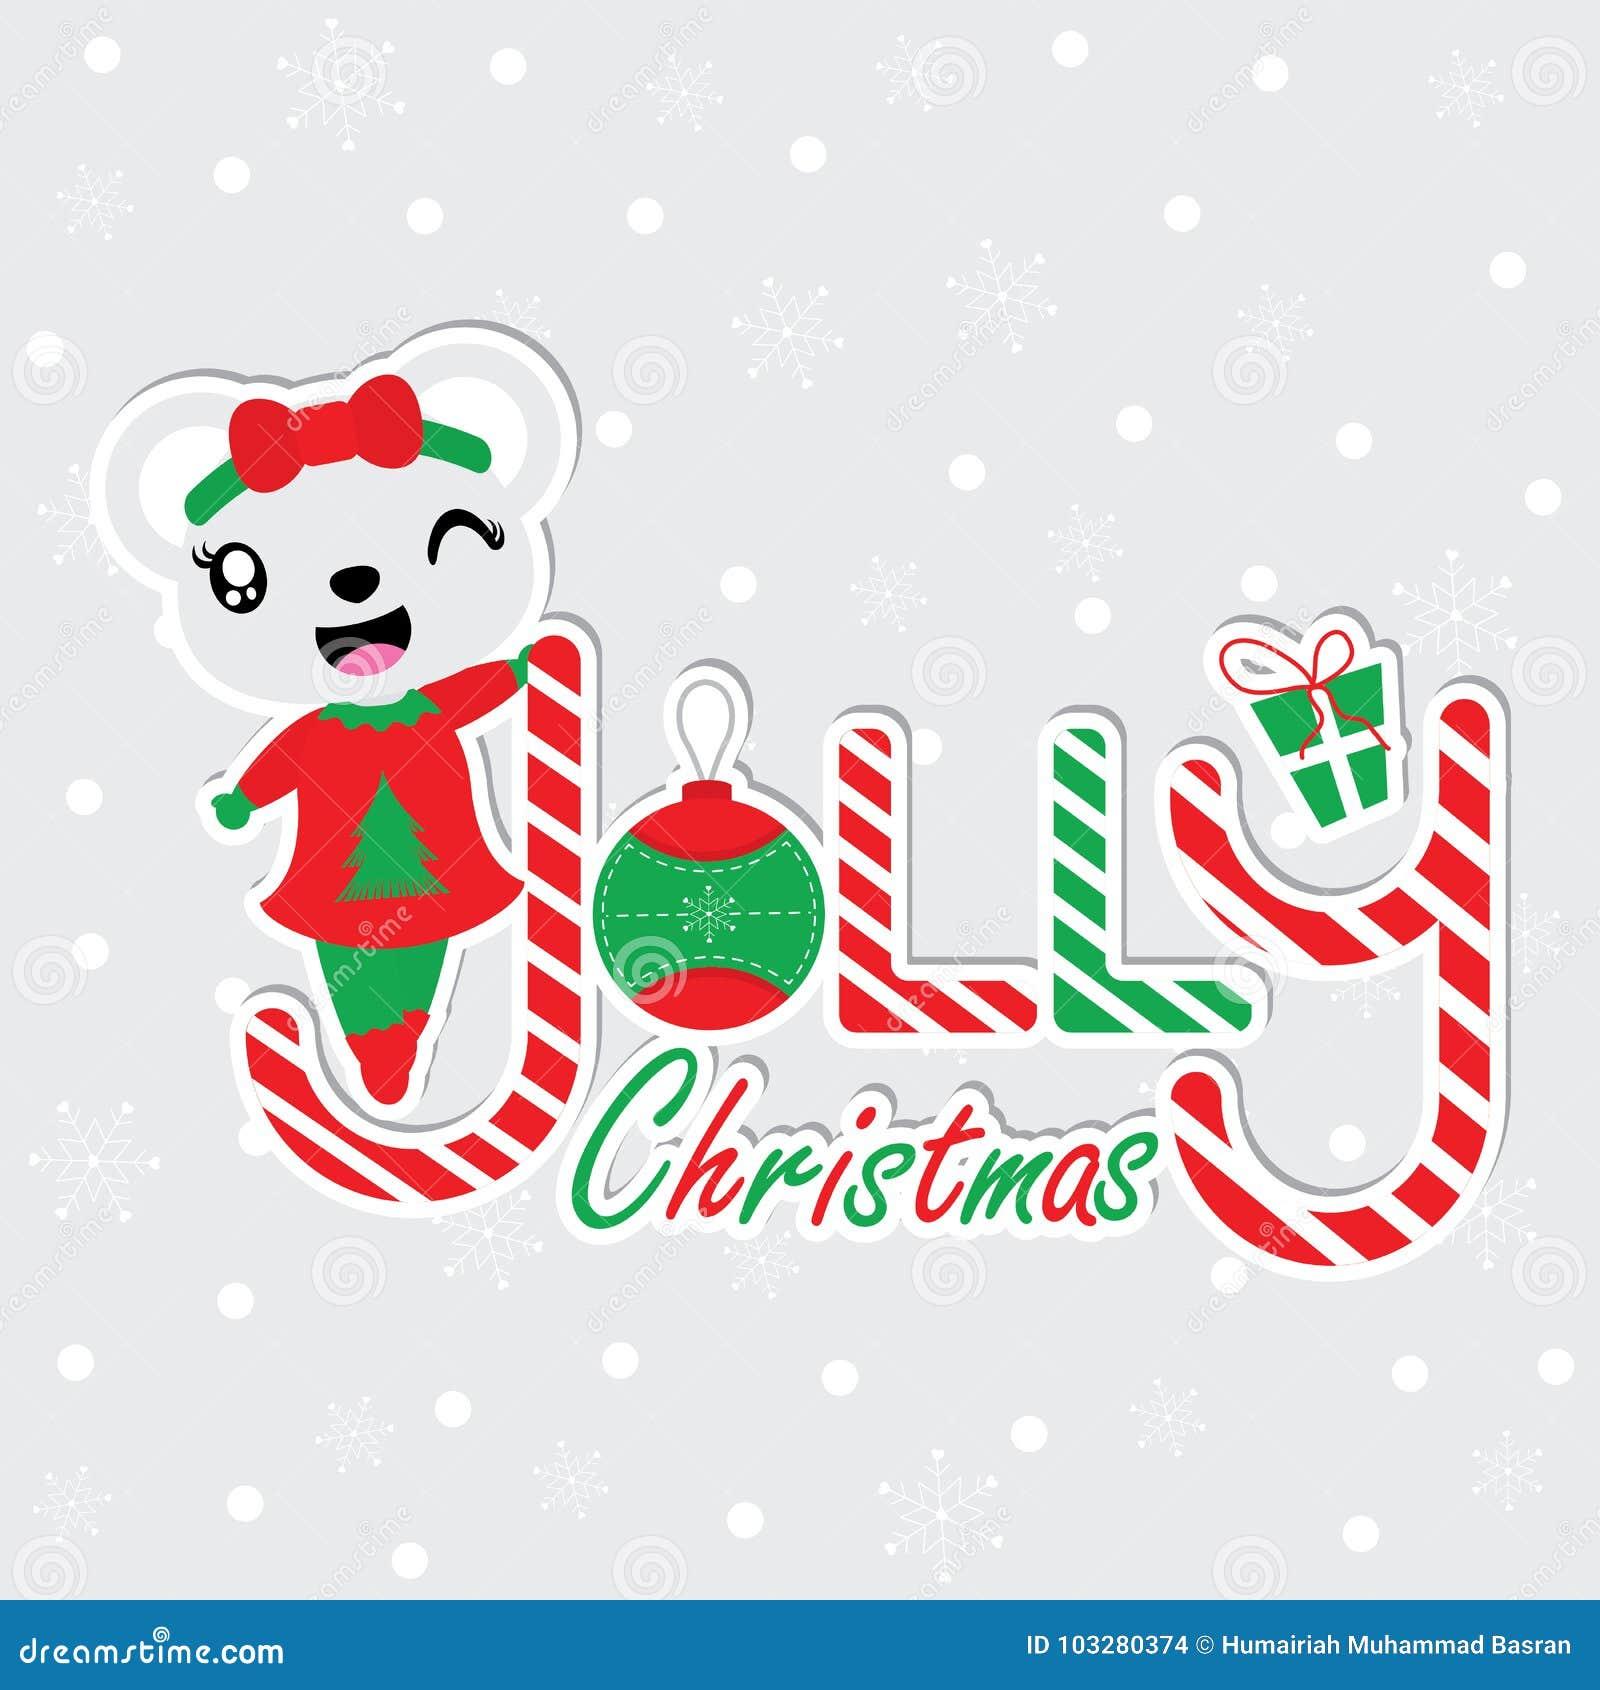 Cute Bear Girl On Jolly Christmas Text Cartoon Illustration For ...